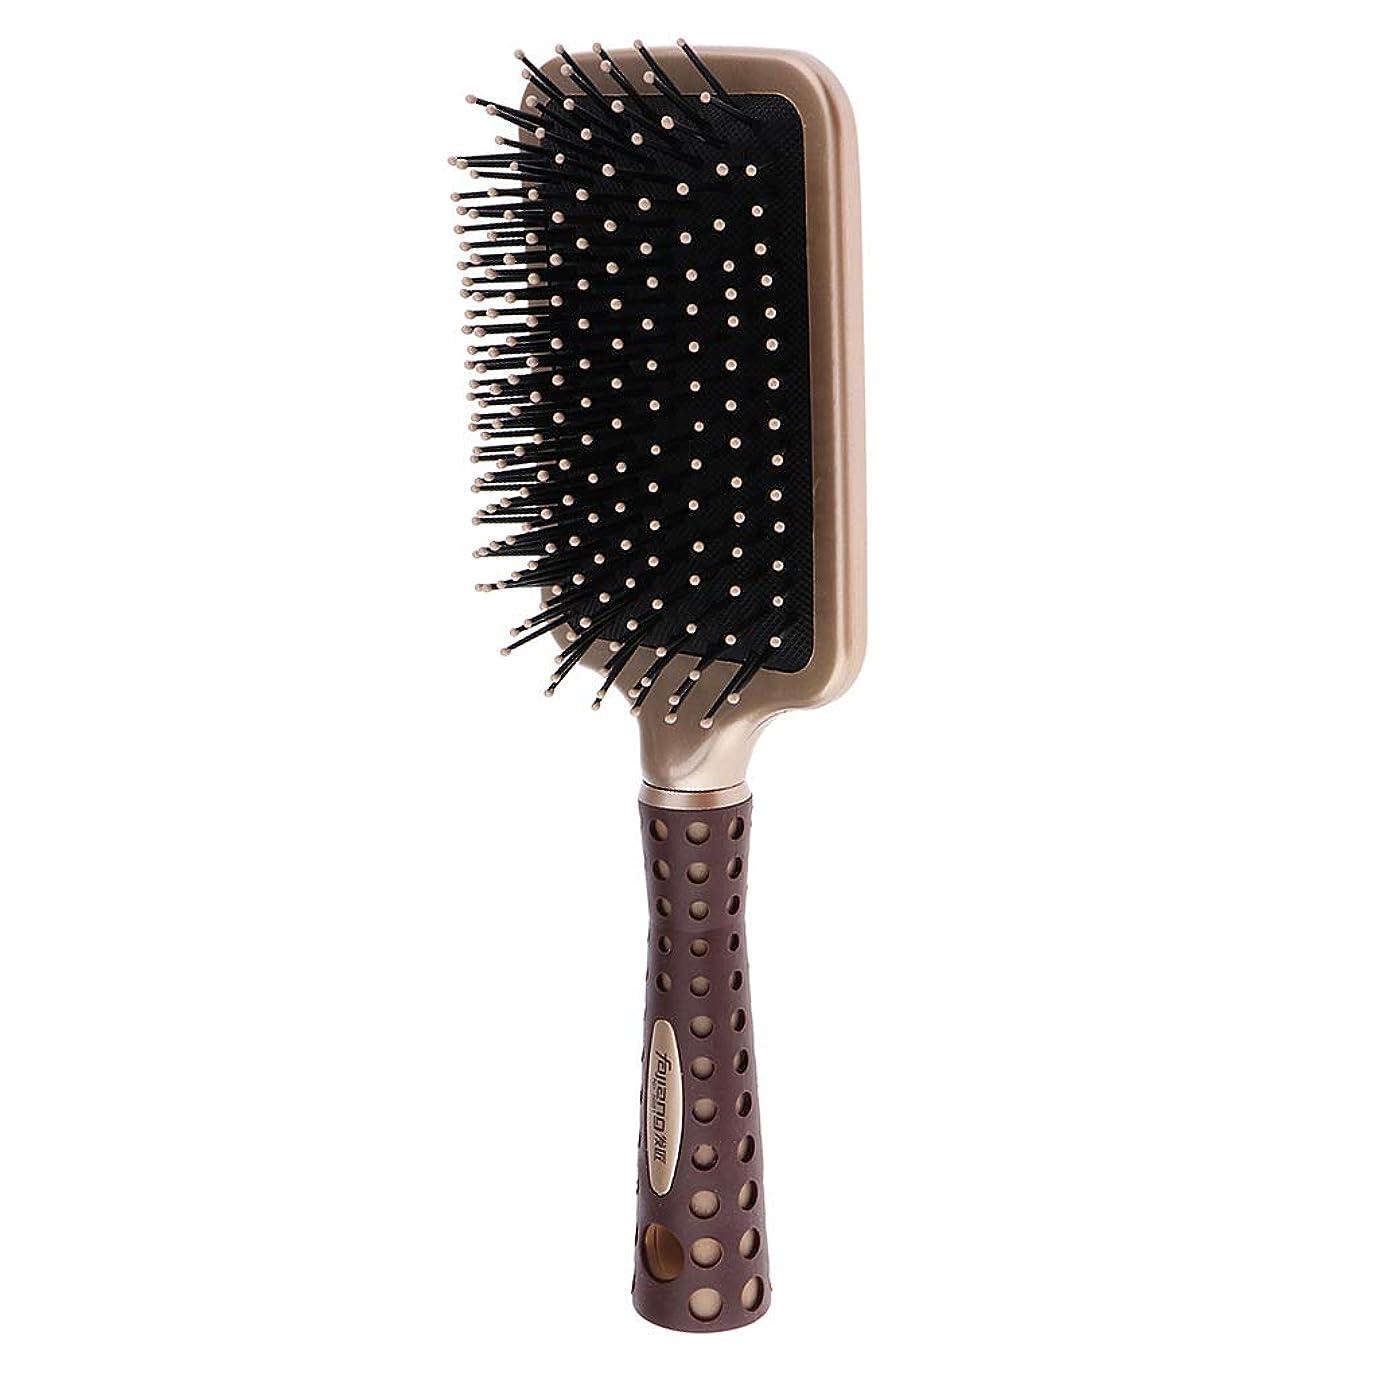 エーカーパック優しいP Prettyia 静電防止櫛 クッションヘアブラシ 頭皮マッサージ コーム 2サイズ選べ - L